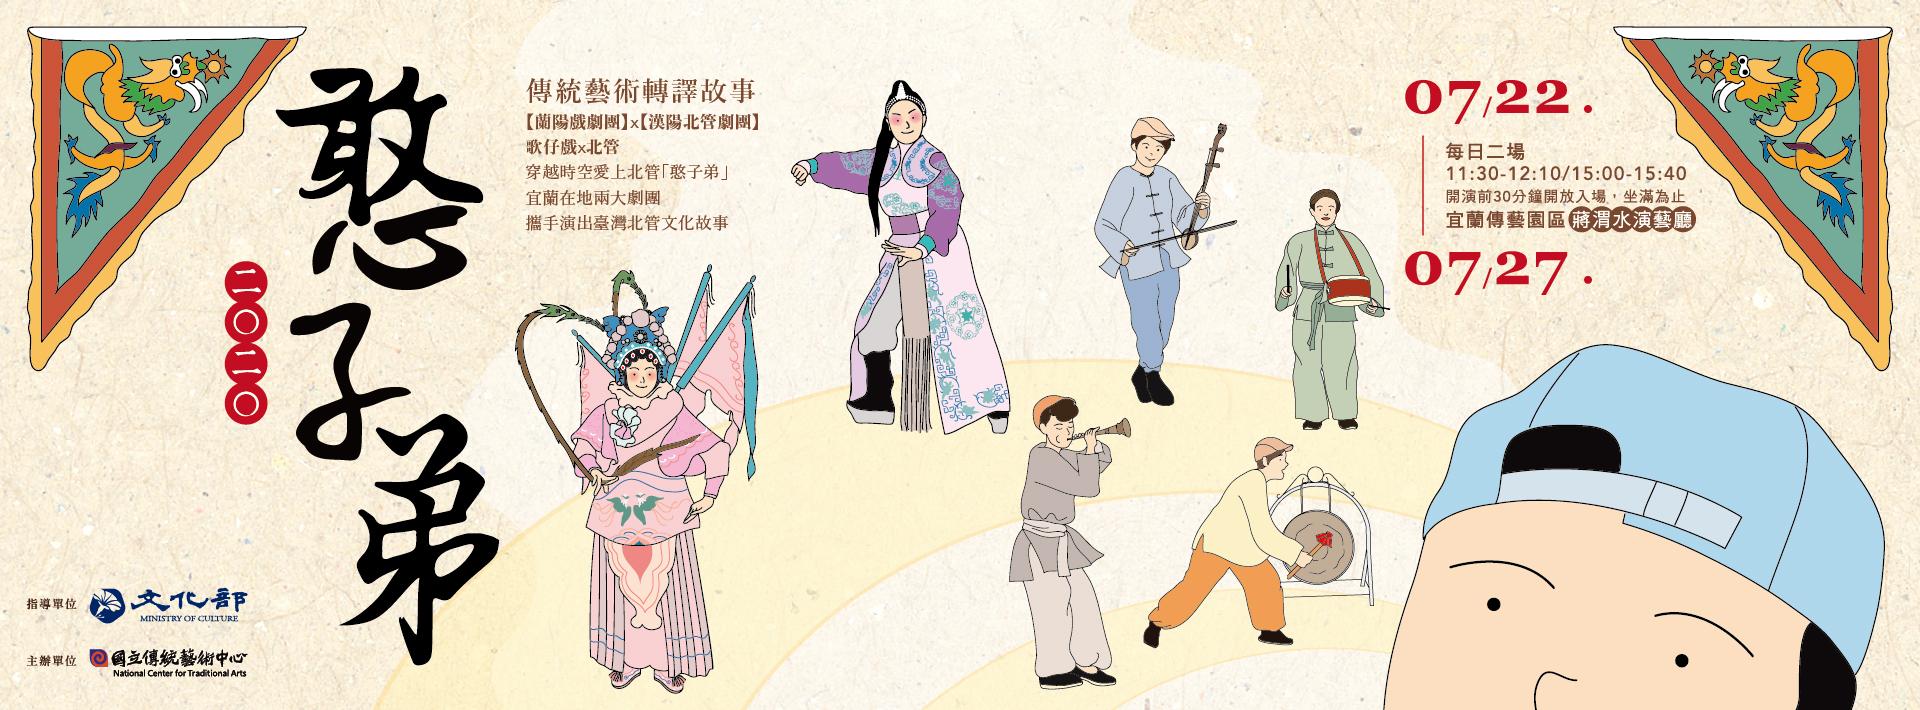 109年傳統藝術轉譯故事-《憨子弟》演出節目「新しいウィンドウを開く」